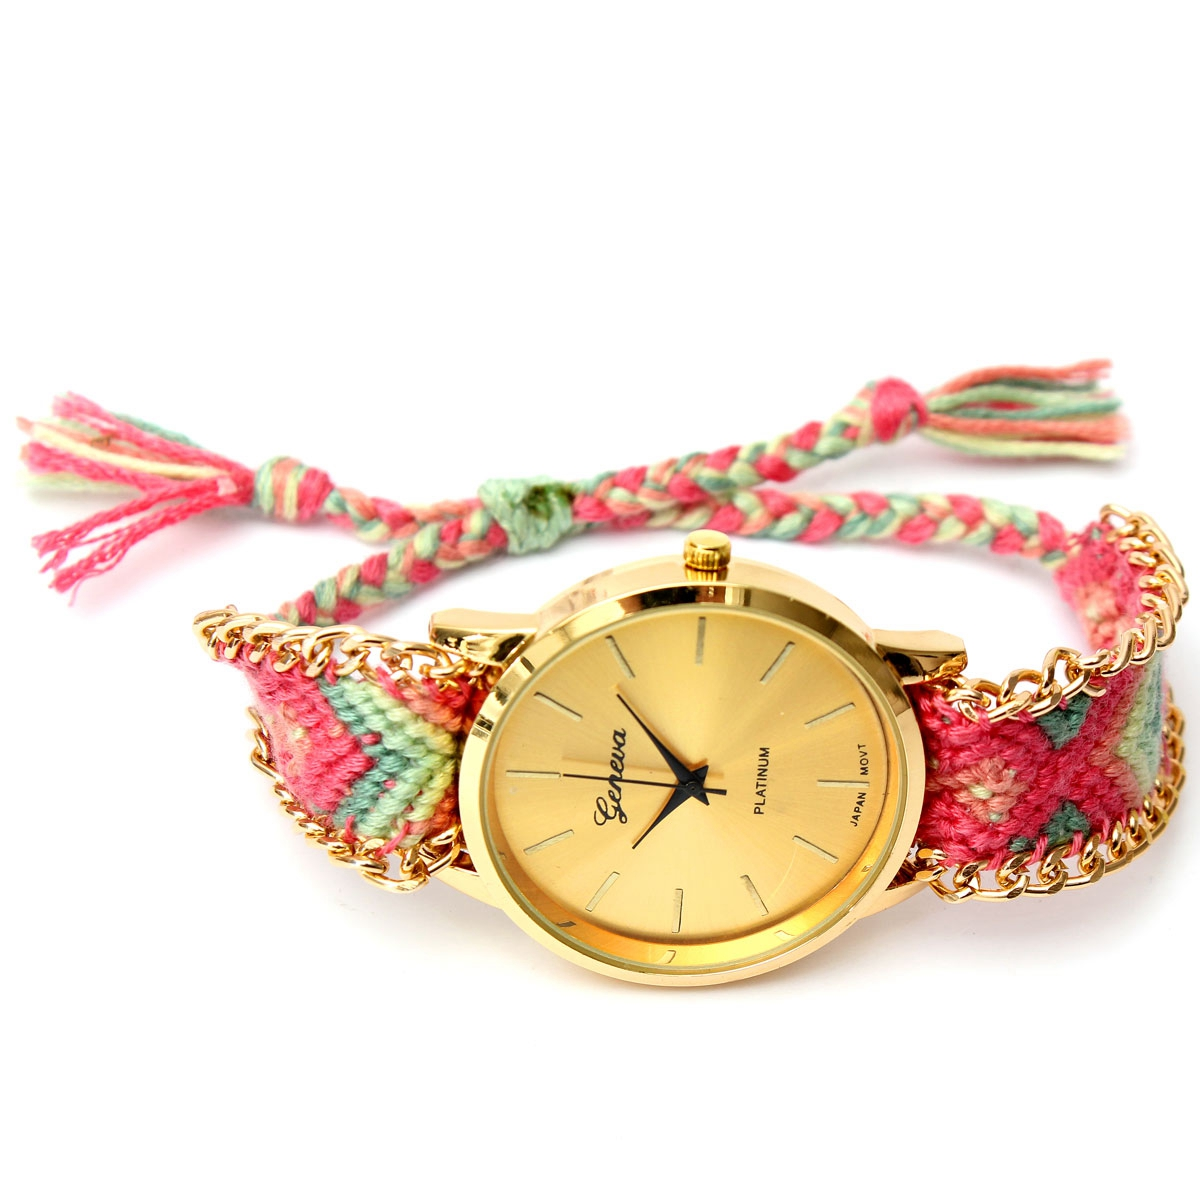 Womens Lady Geneva Ethnic Braided Analog Quartz Chain Wave Bracelet Wrist Watch